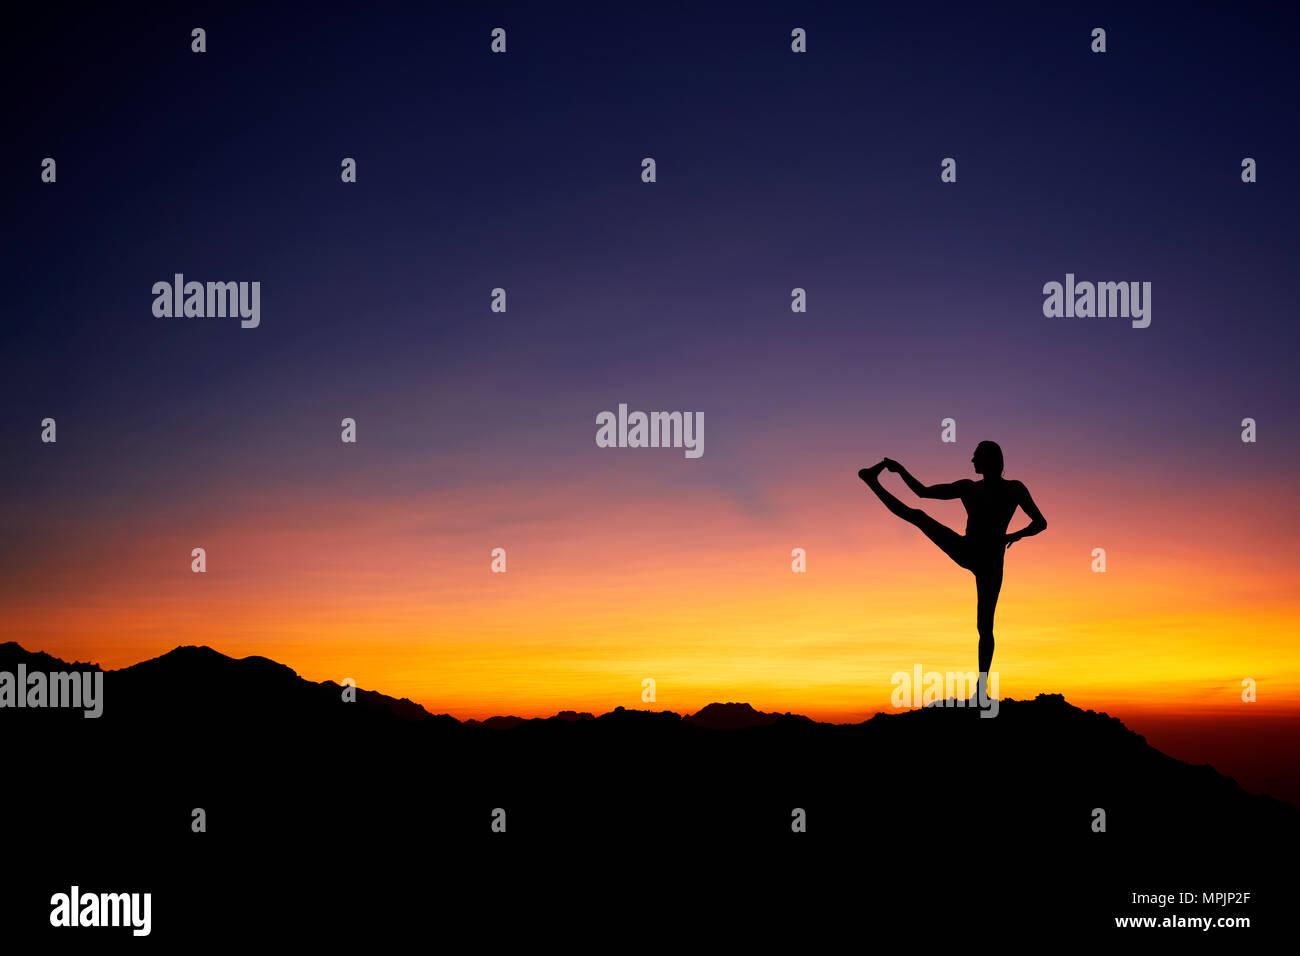 Colocar al hombre en silueta haciendo equilibrio yoga plantean en el hermoso atardecer naranja de fondo del cielo Imagen De Stock